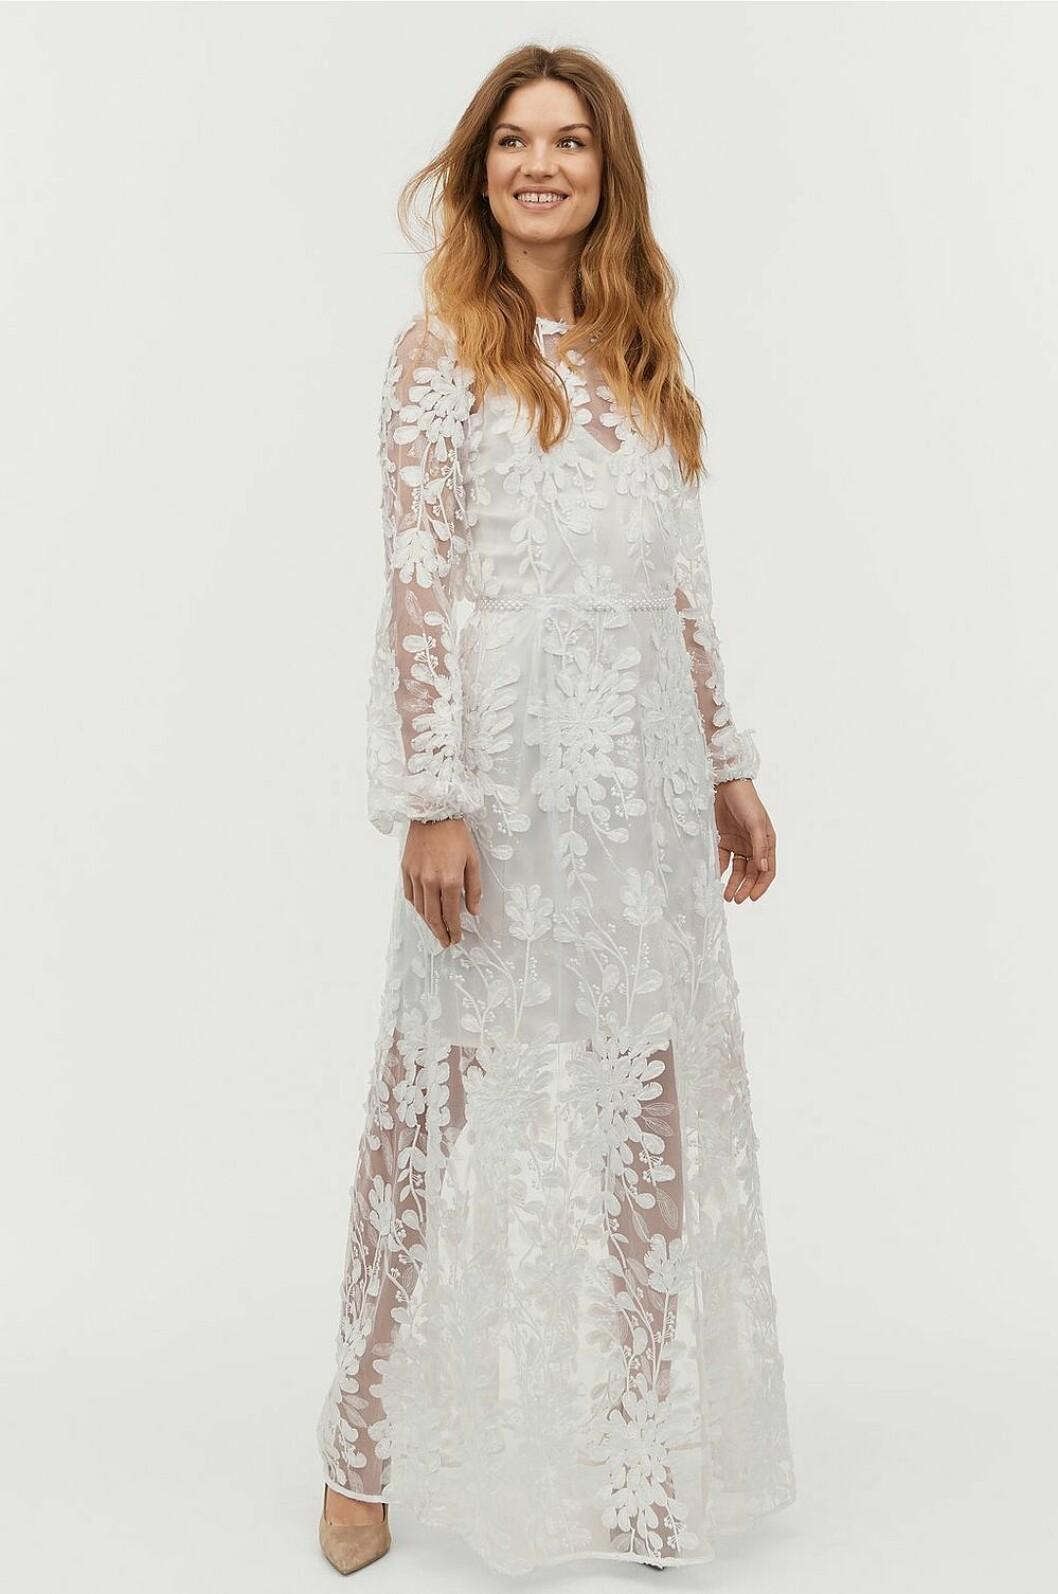 Vit brudklänning i spets med lång ärm till 2020